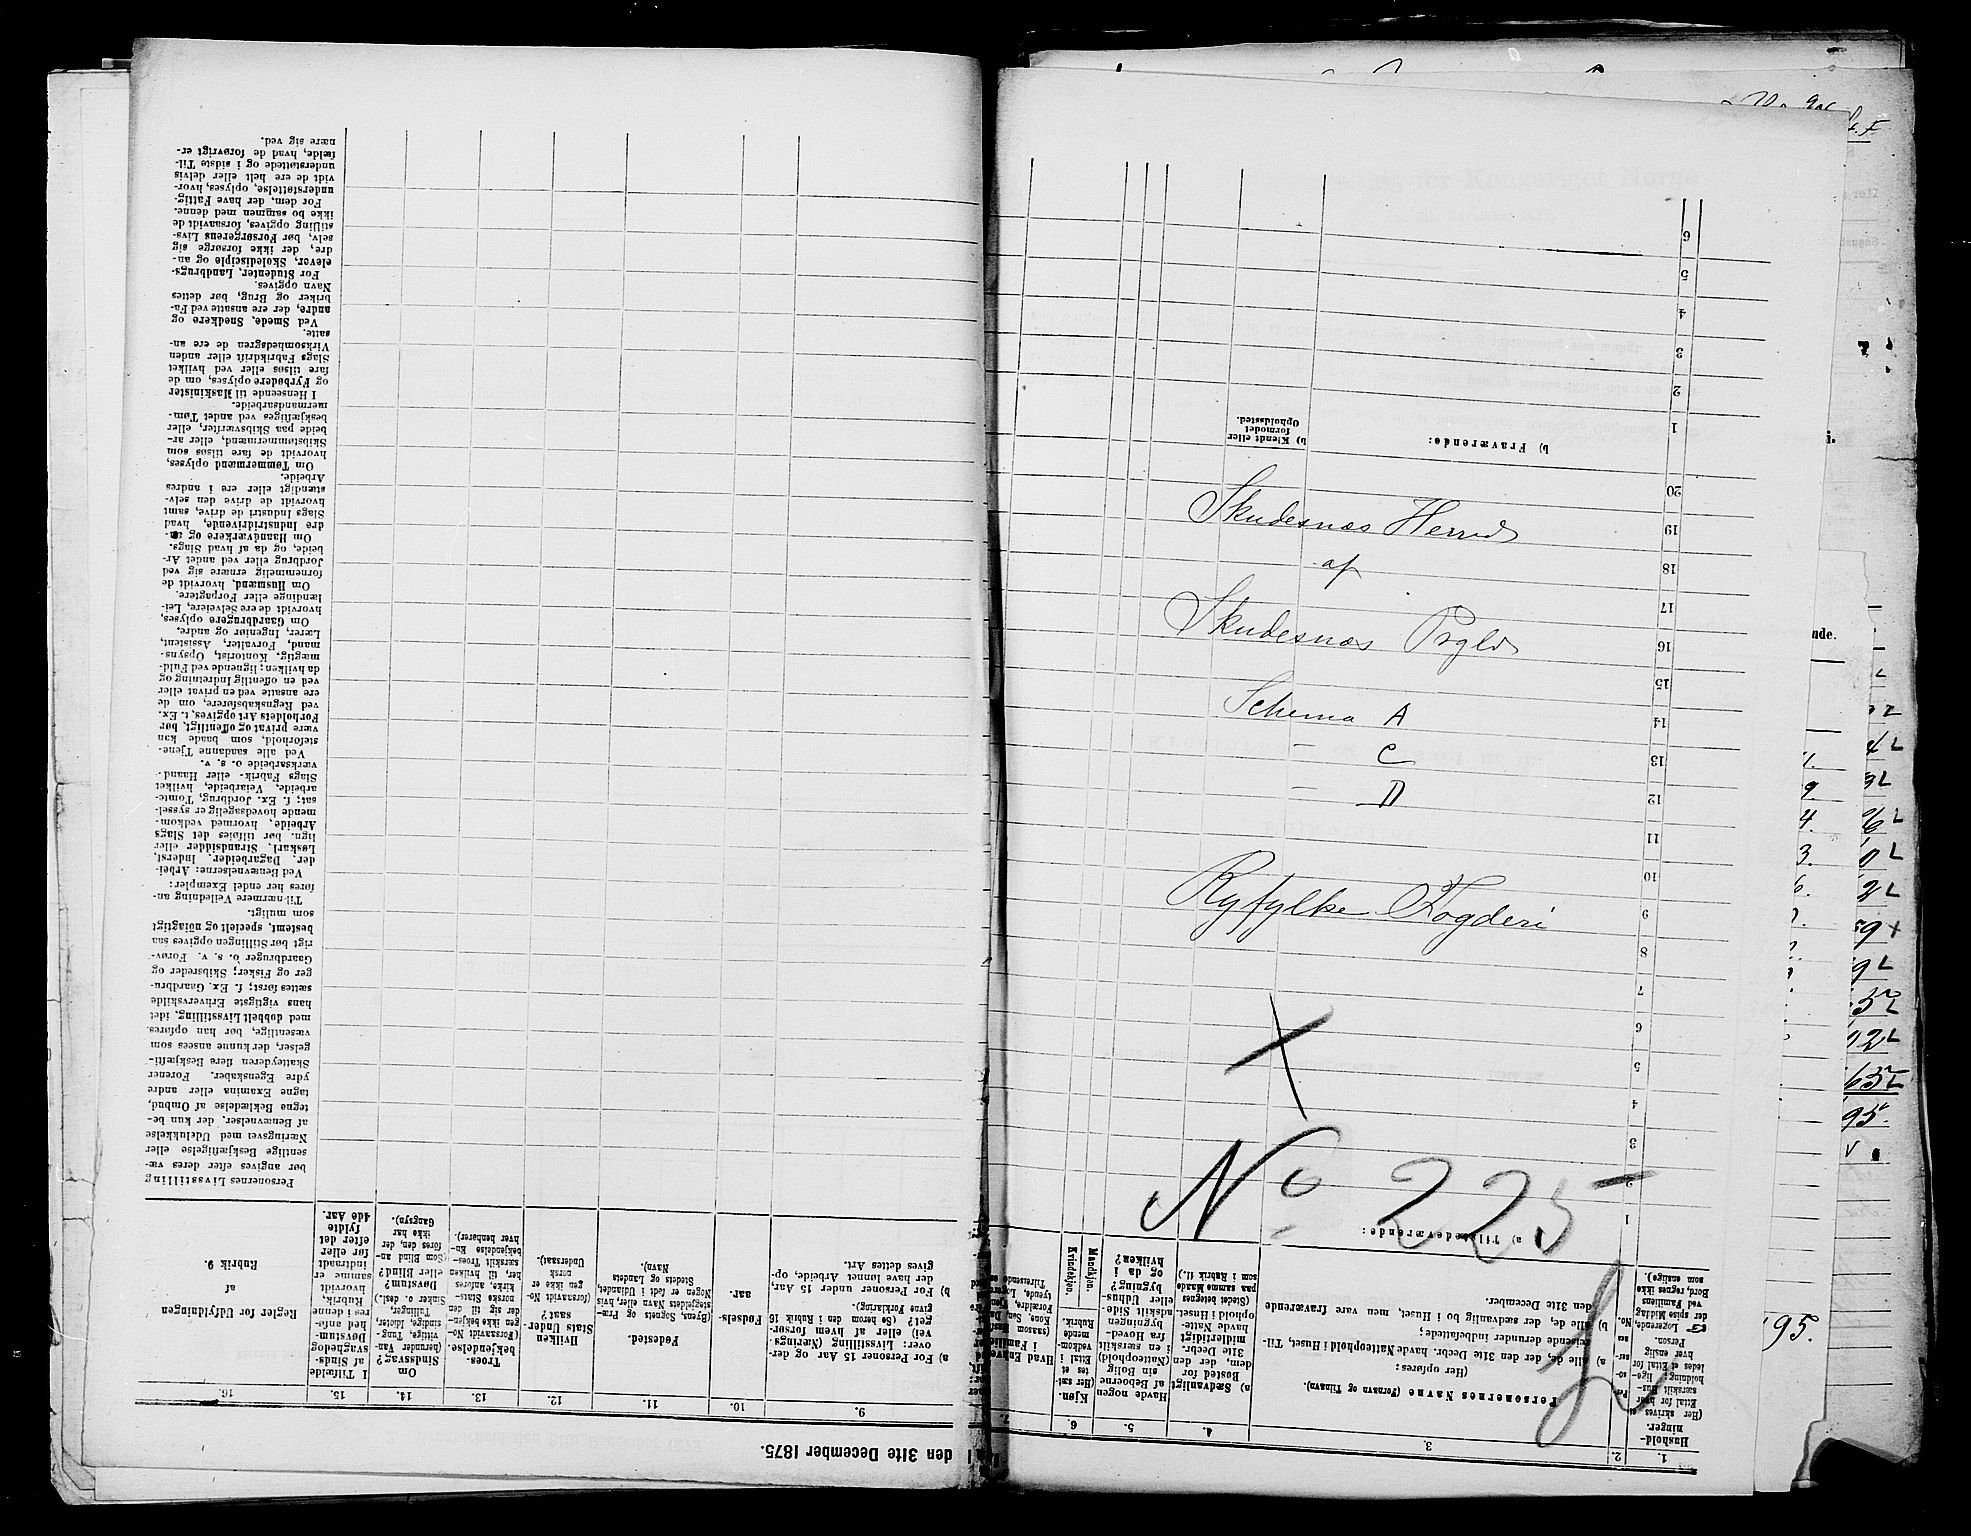 SAST, Folketelling 1875 for 1150L Skudenes prestegjeld, Falnes sokn, Åkra sokn og Ferkingstad sokn, 1875, s. 1